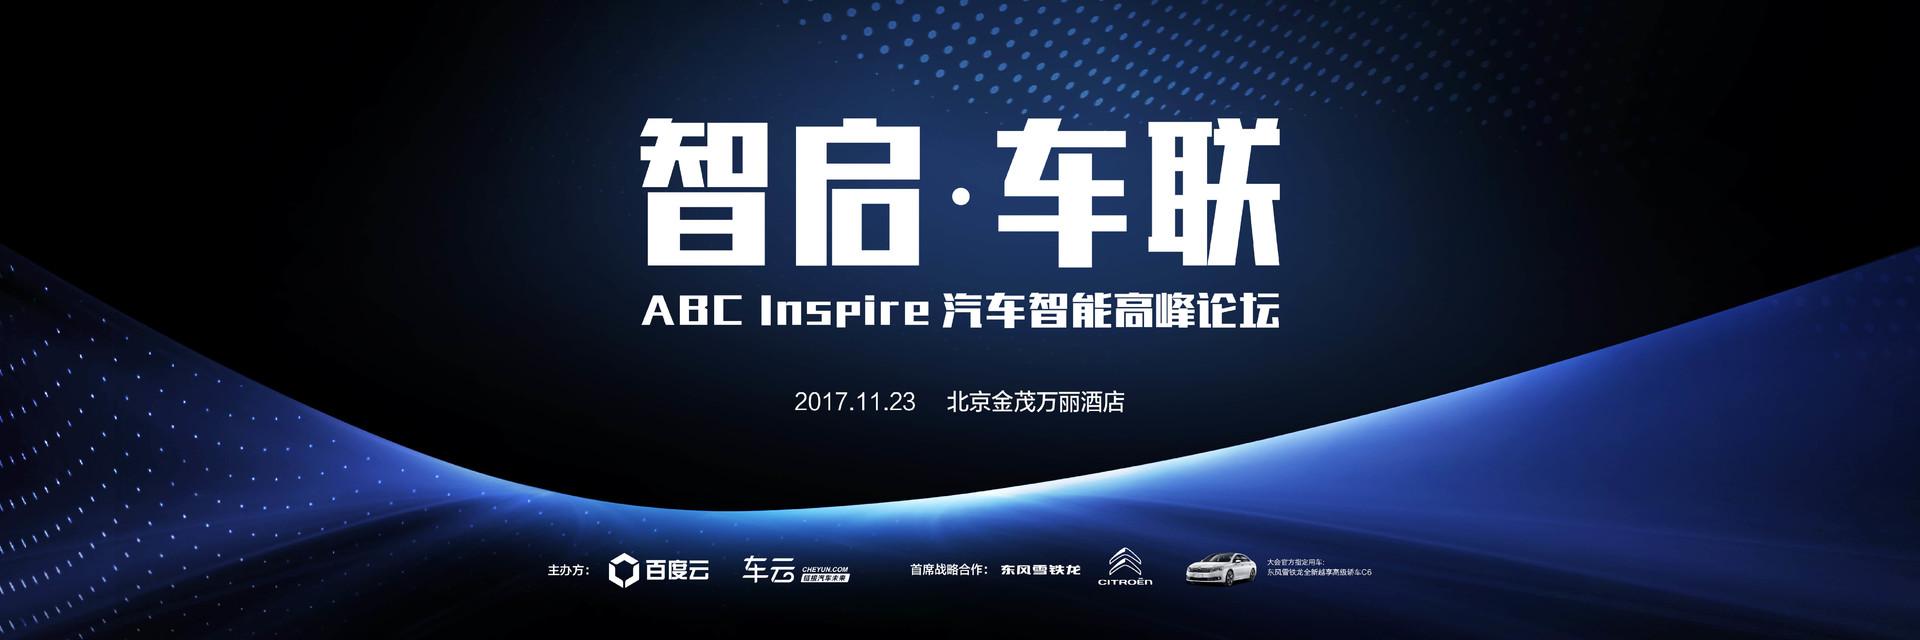 智启·车联-ABC Inspire汽车智能高峰论坛